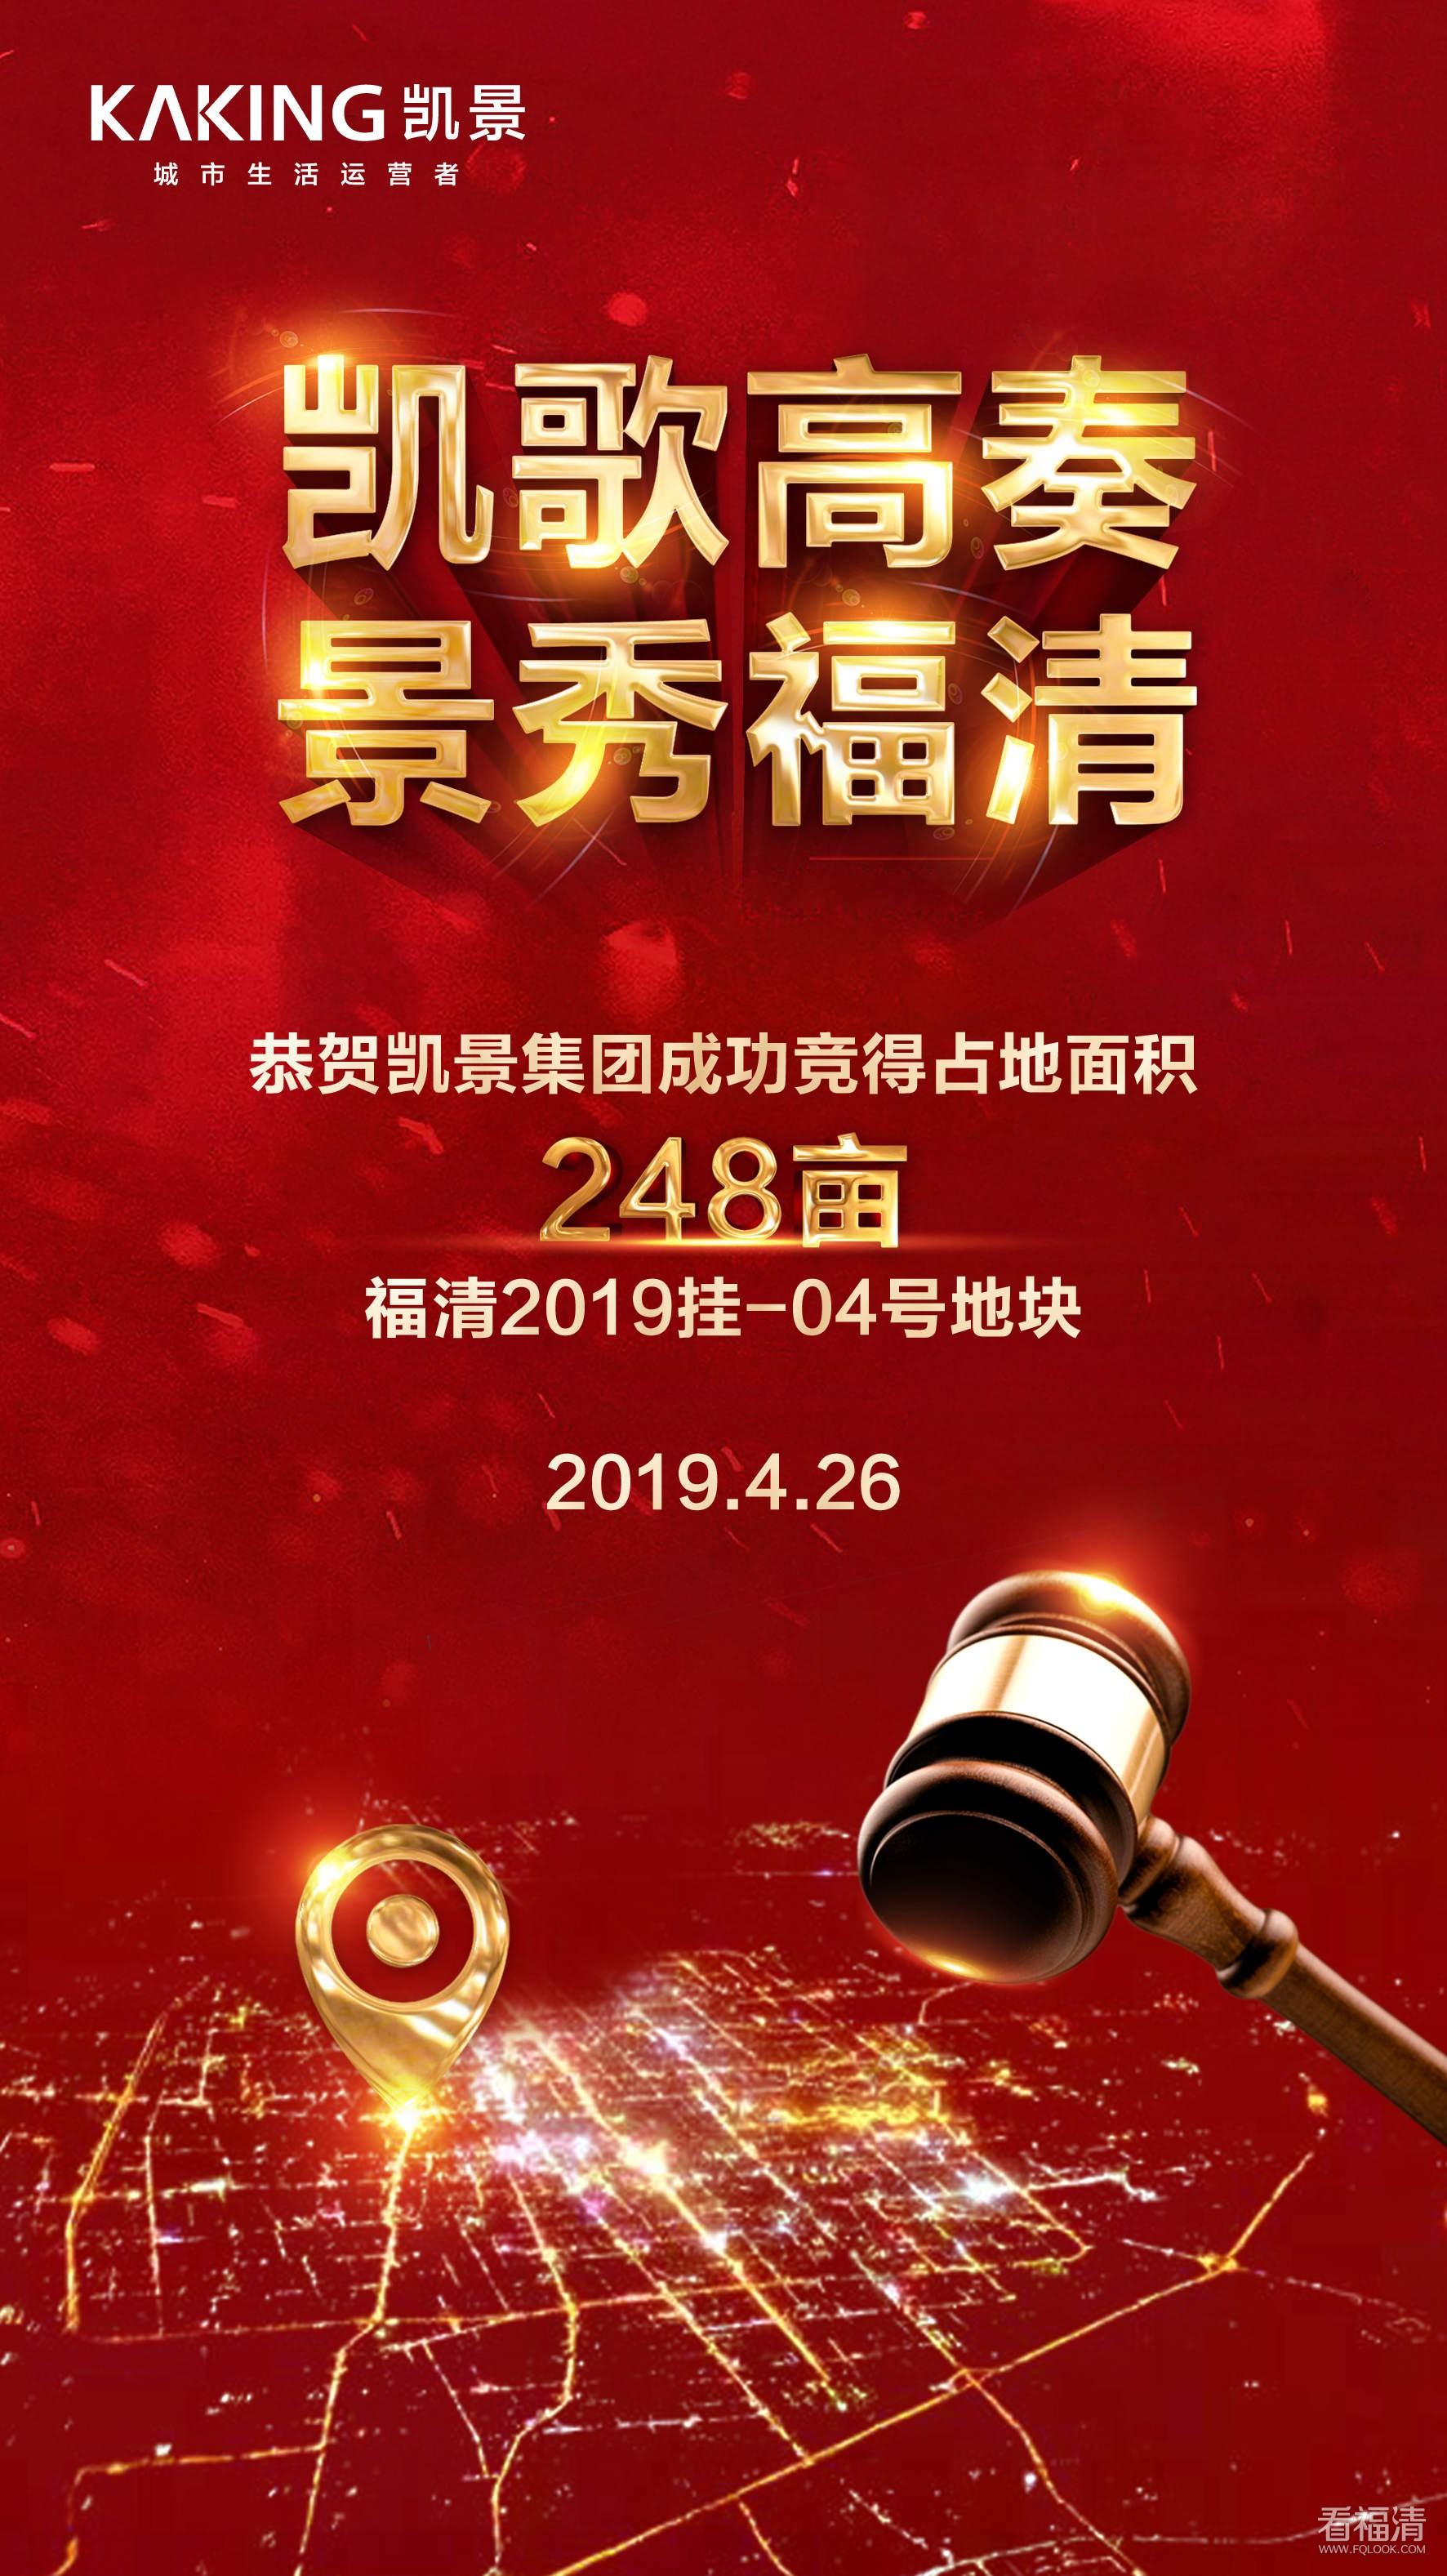 凯景集团竞得宗地2019挂-04号地块